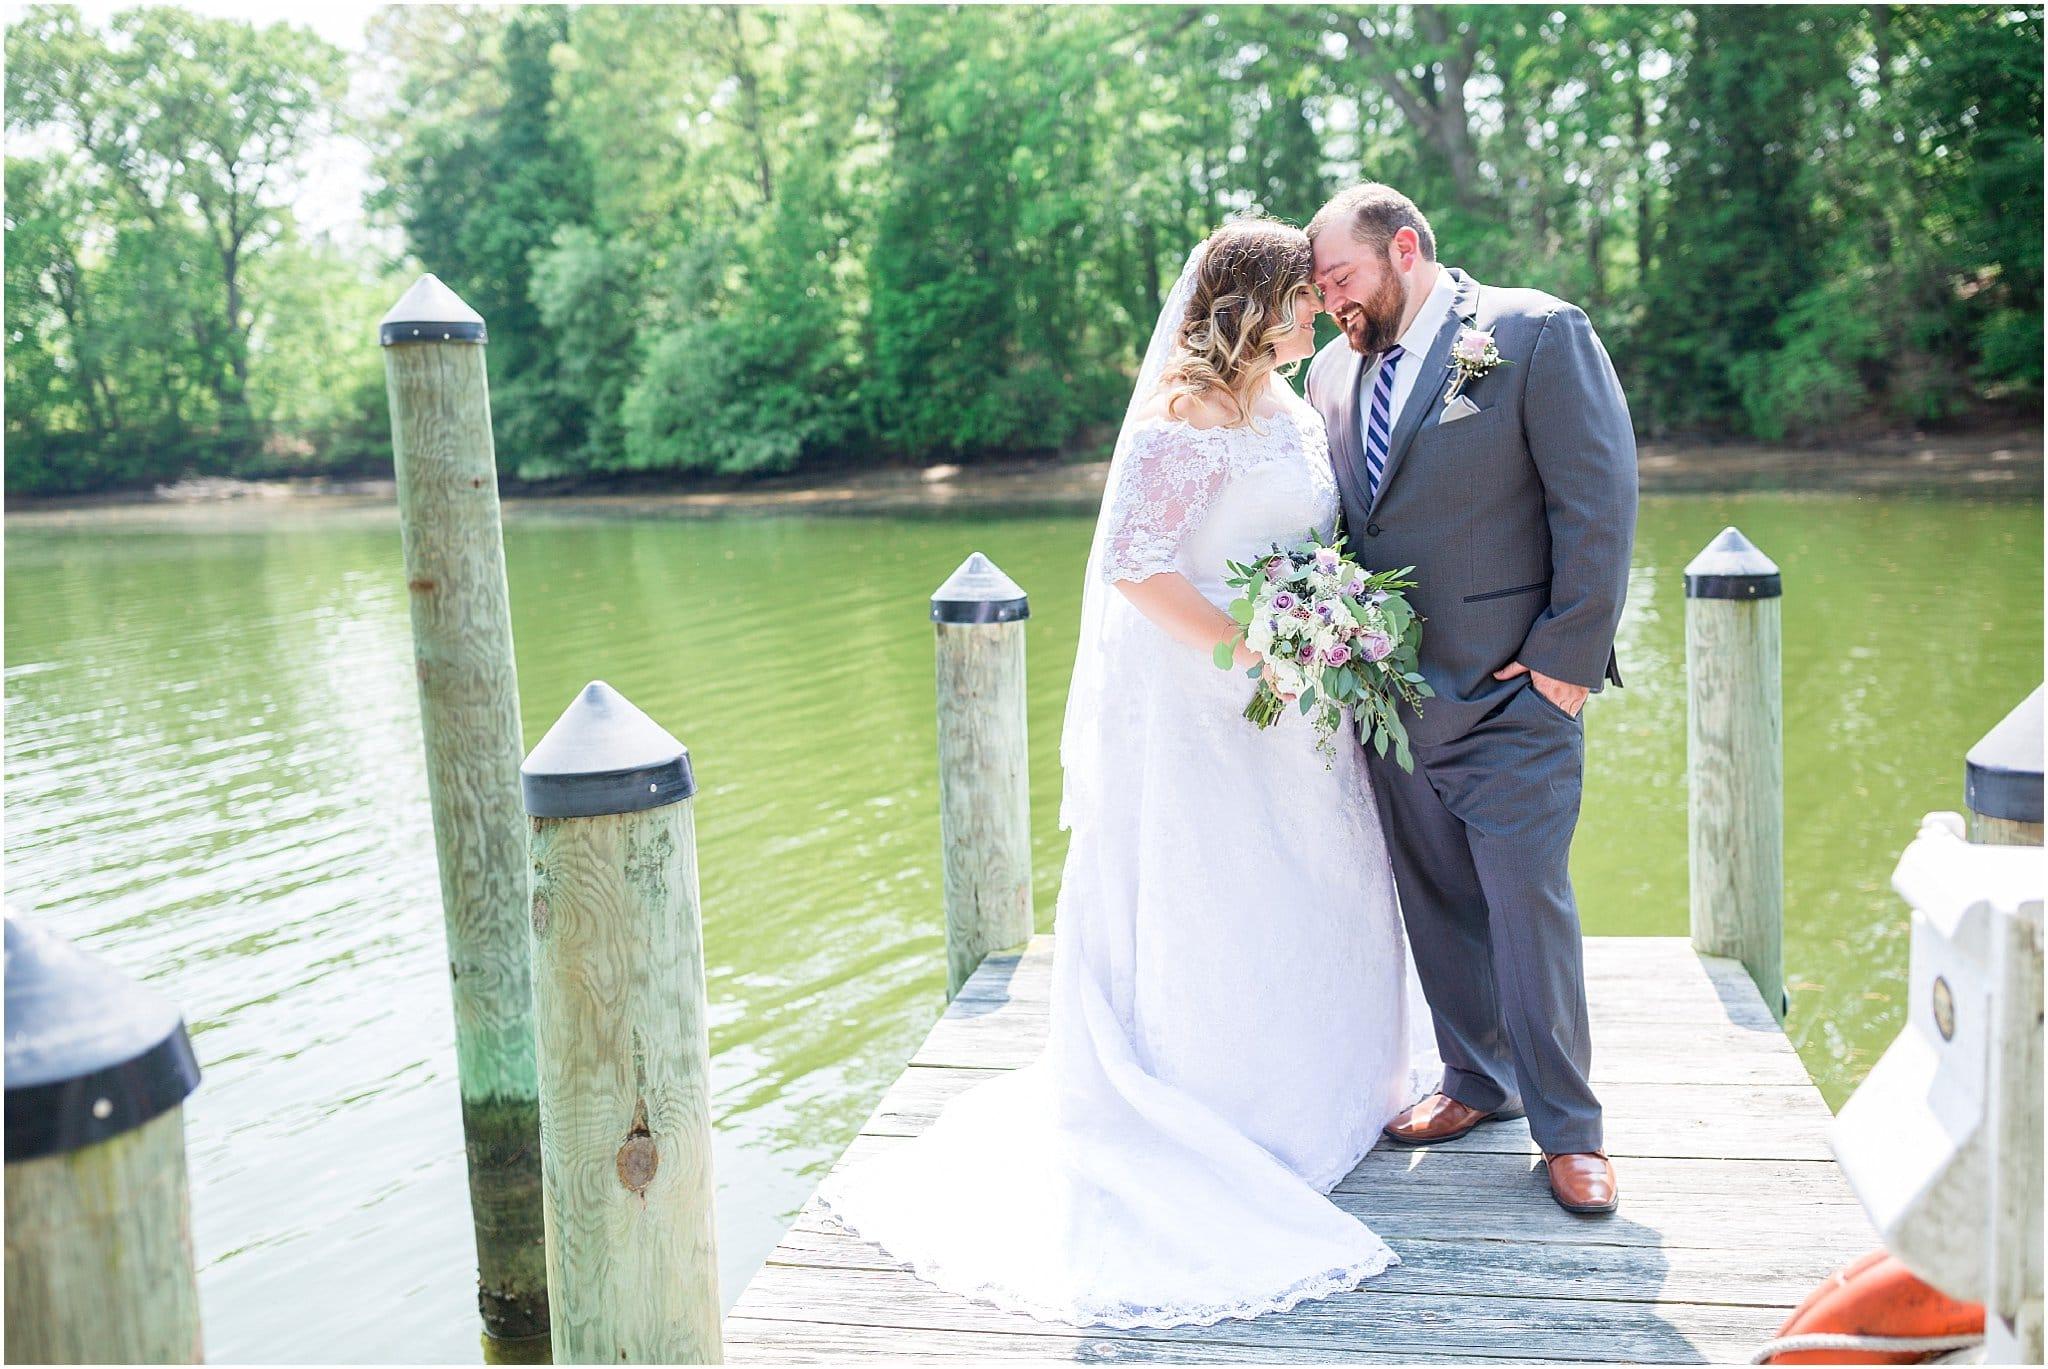 cole-wye-island-wedding-cassidymrphotography_0056